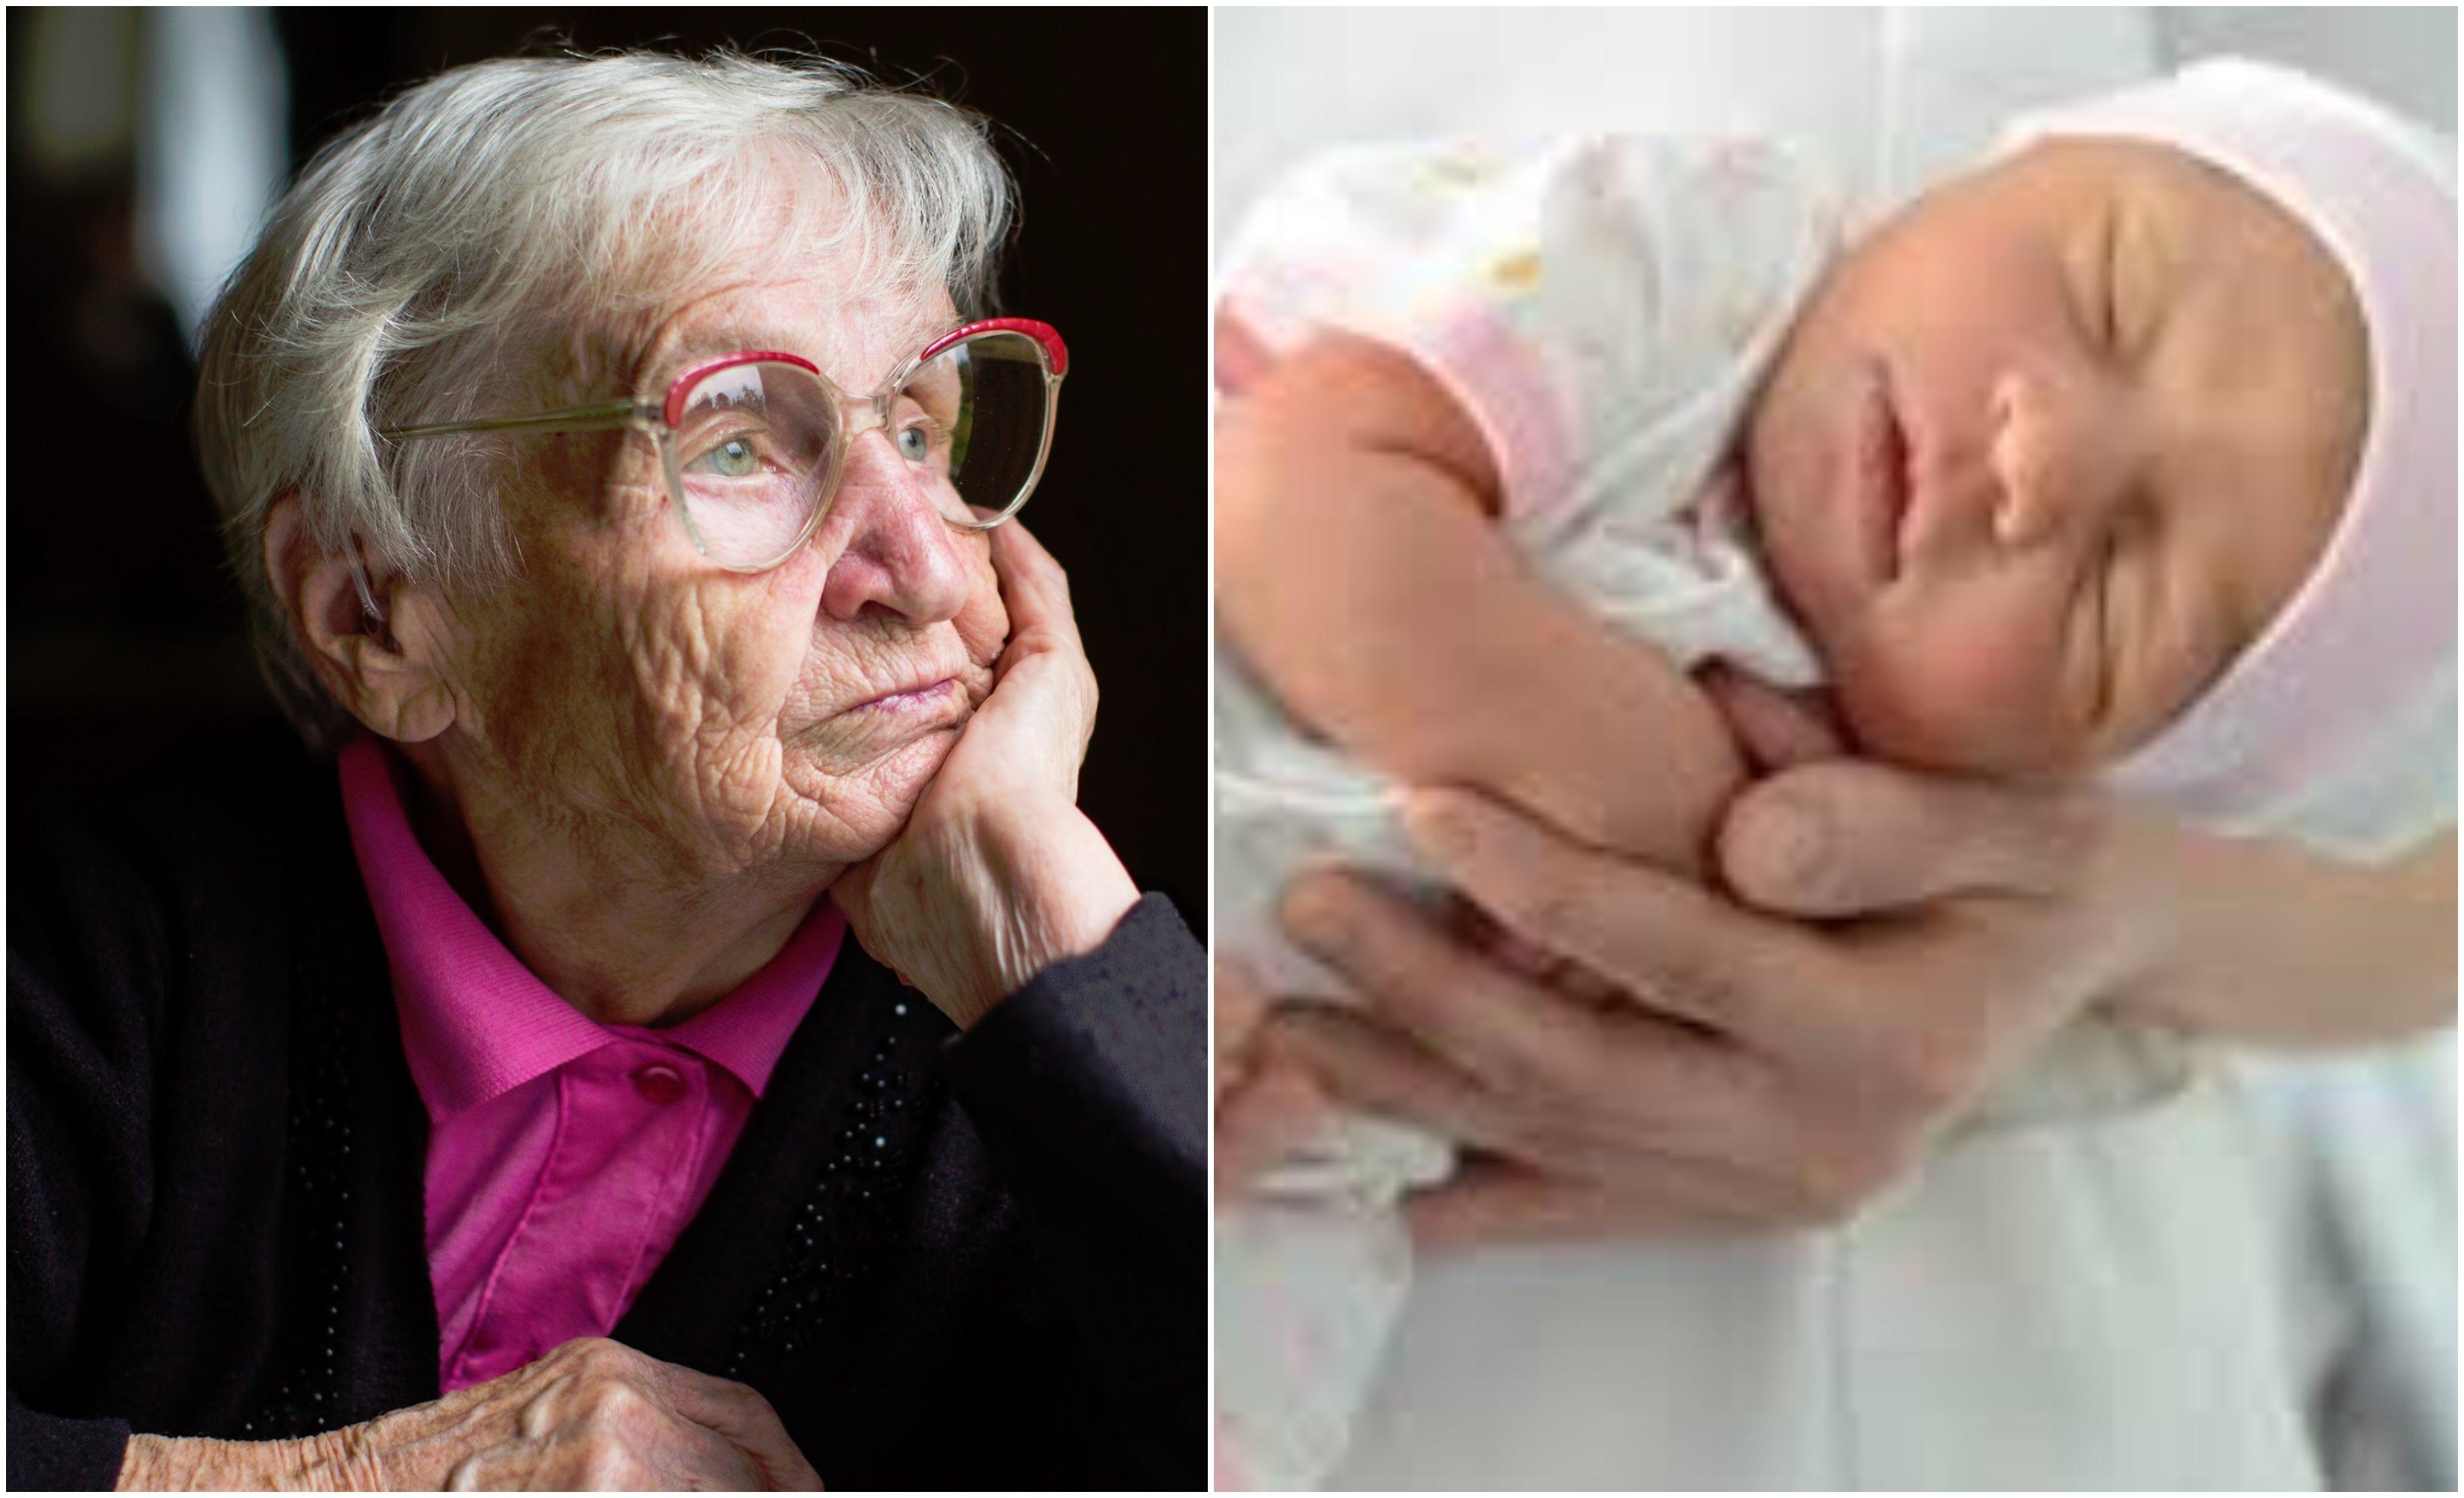 Ancianos y bebéslos socialistas no han cambiado: débil con los fuertes, fuertes con los débiles. Y los débiles son los niños (aborto) y los ancianos (eutanasia)